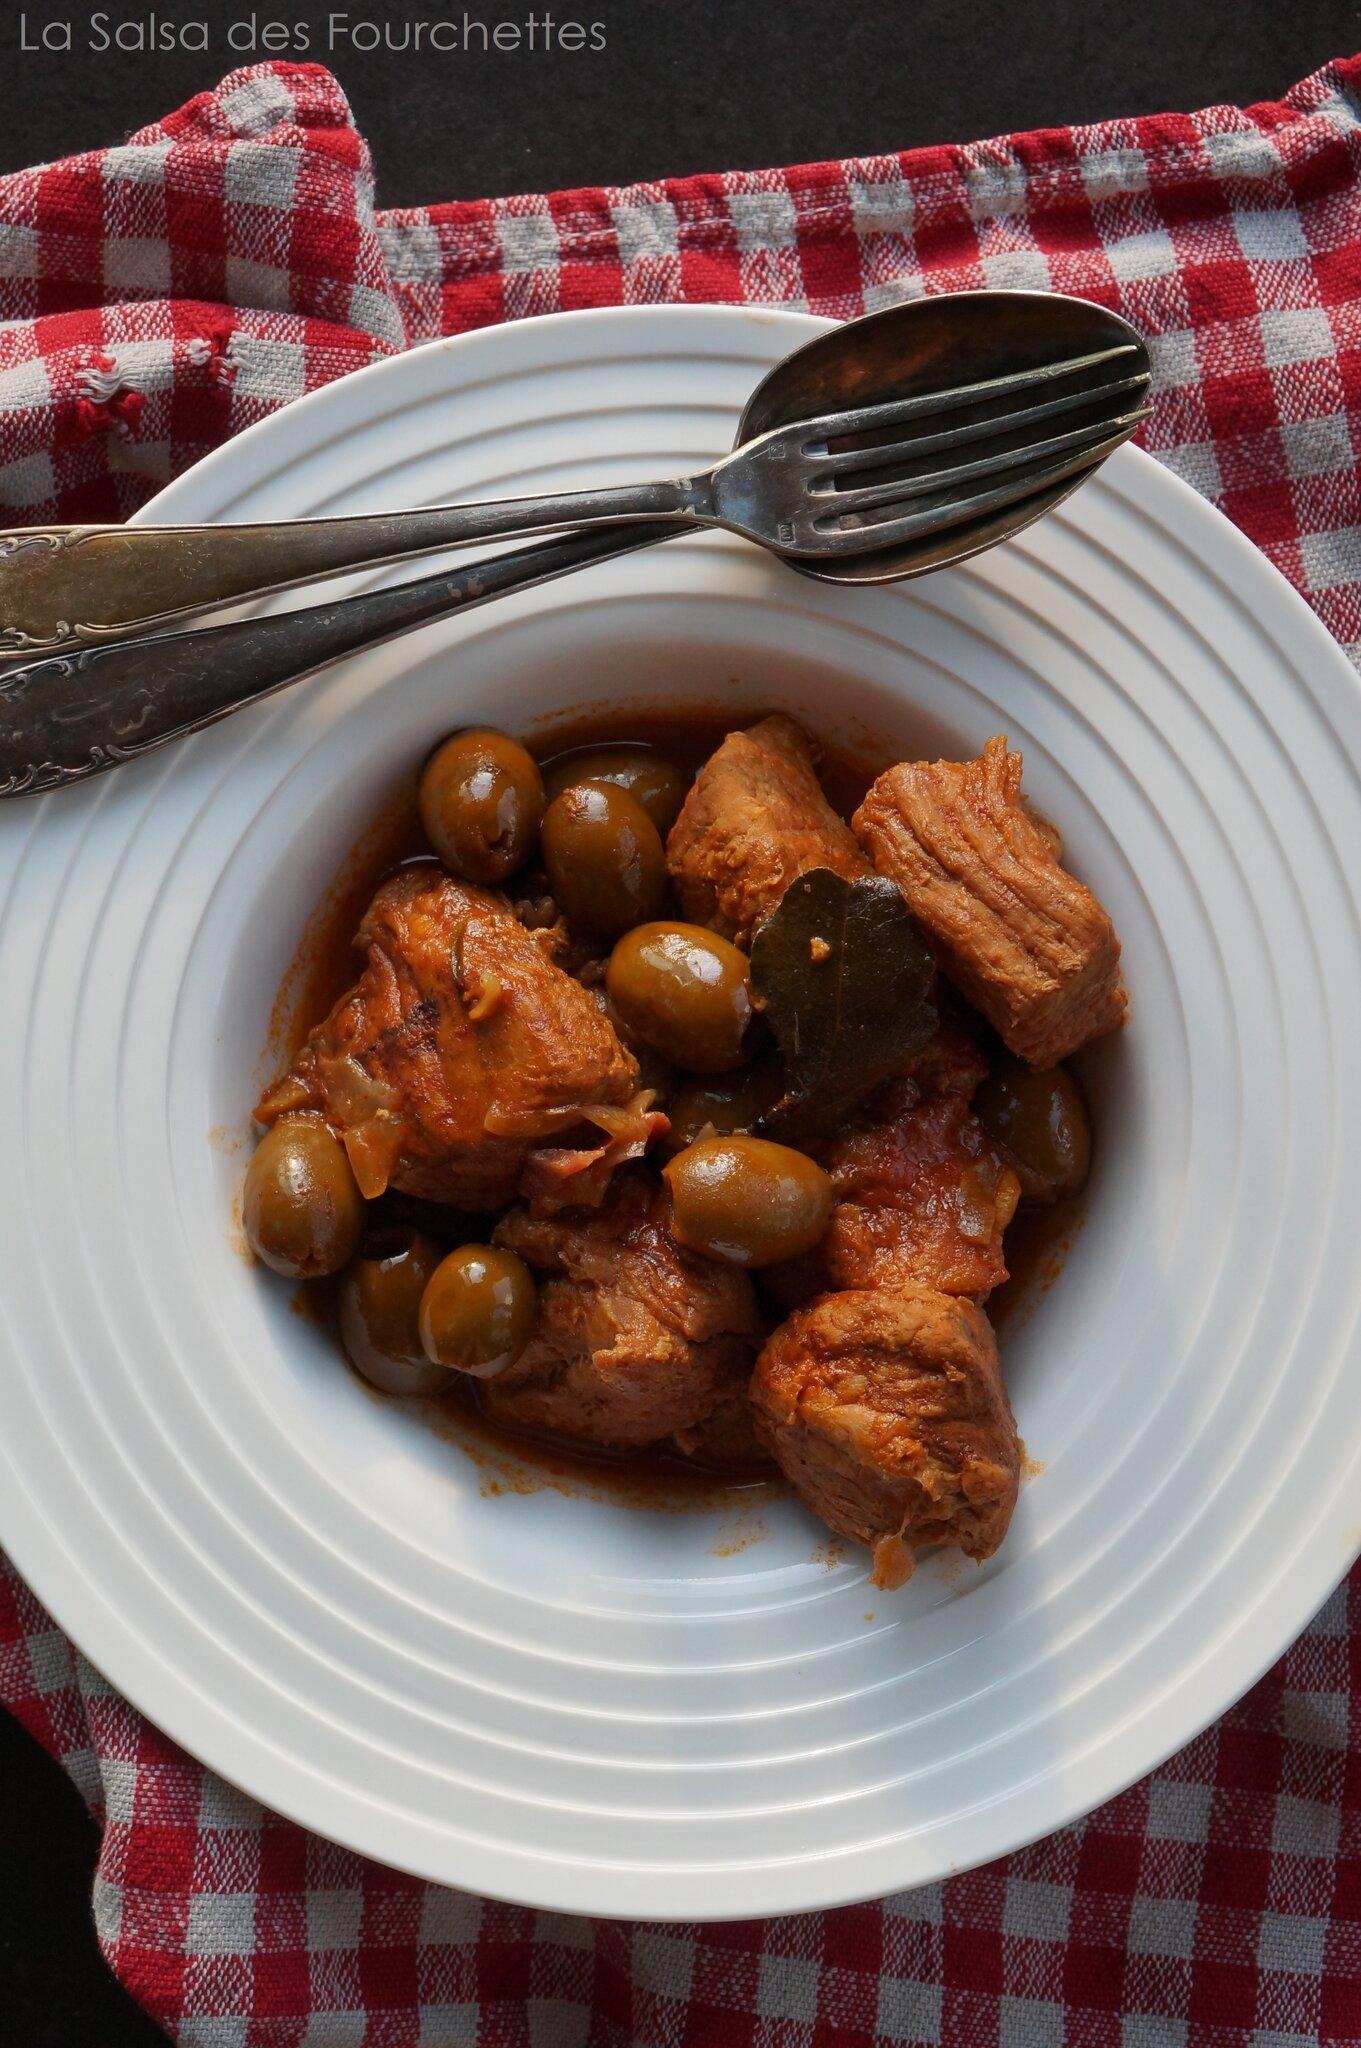 Veau Aux Olives Corse : olives, corse, Olives, Corse, SALSA, FOURCHETTES